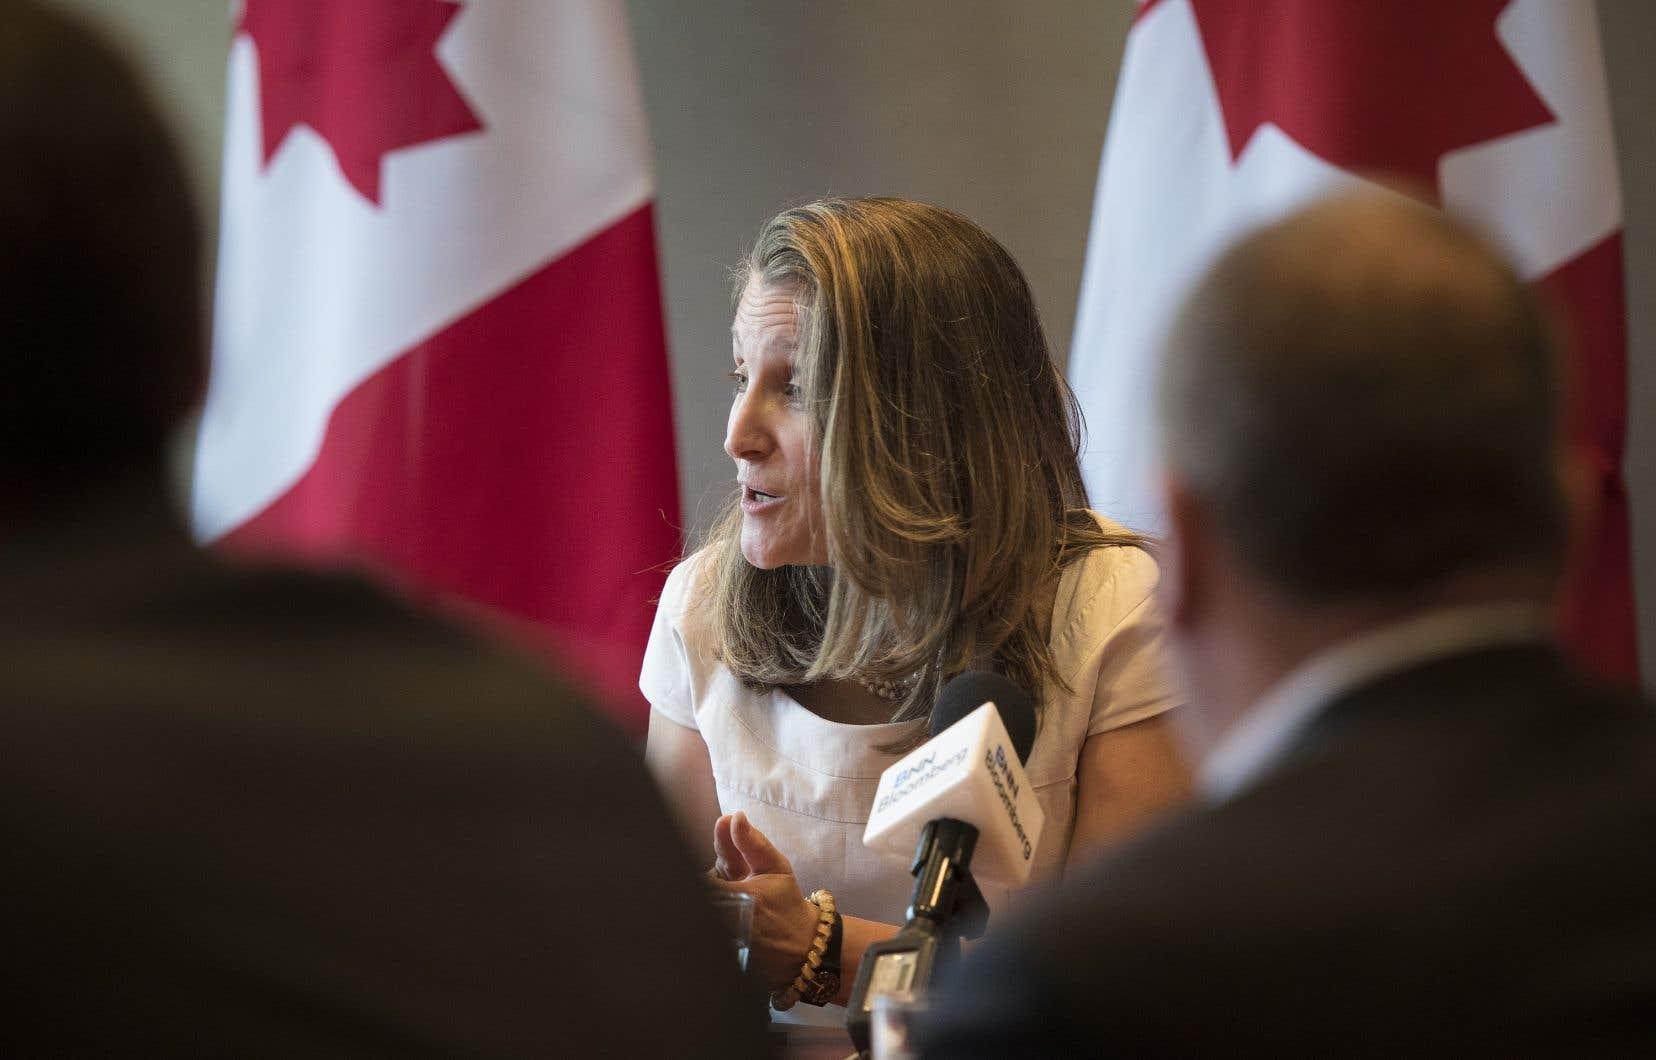 Selon la ministre des Affaires étrangères, Chrystia Freeland, la levée complète des tarifs douaniers américains sur l'acier et l'aluminium du Canada a ouvert la voie à l'approbation officielle de l'accord.